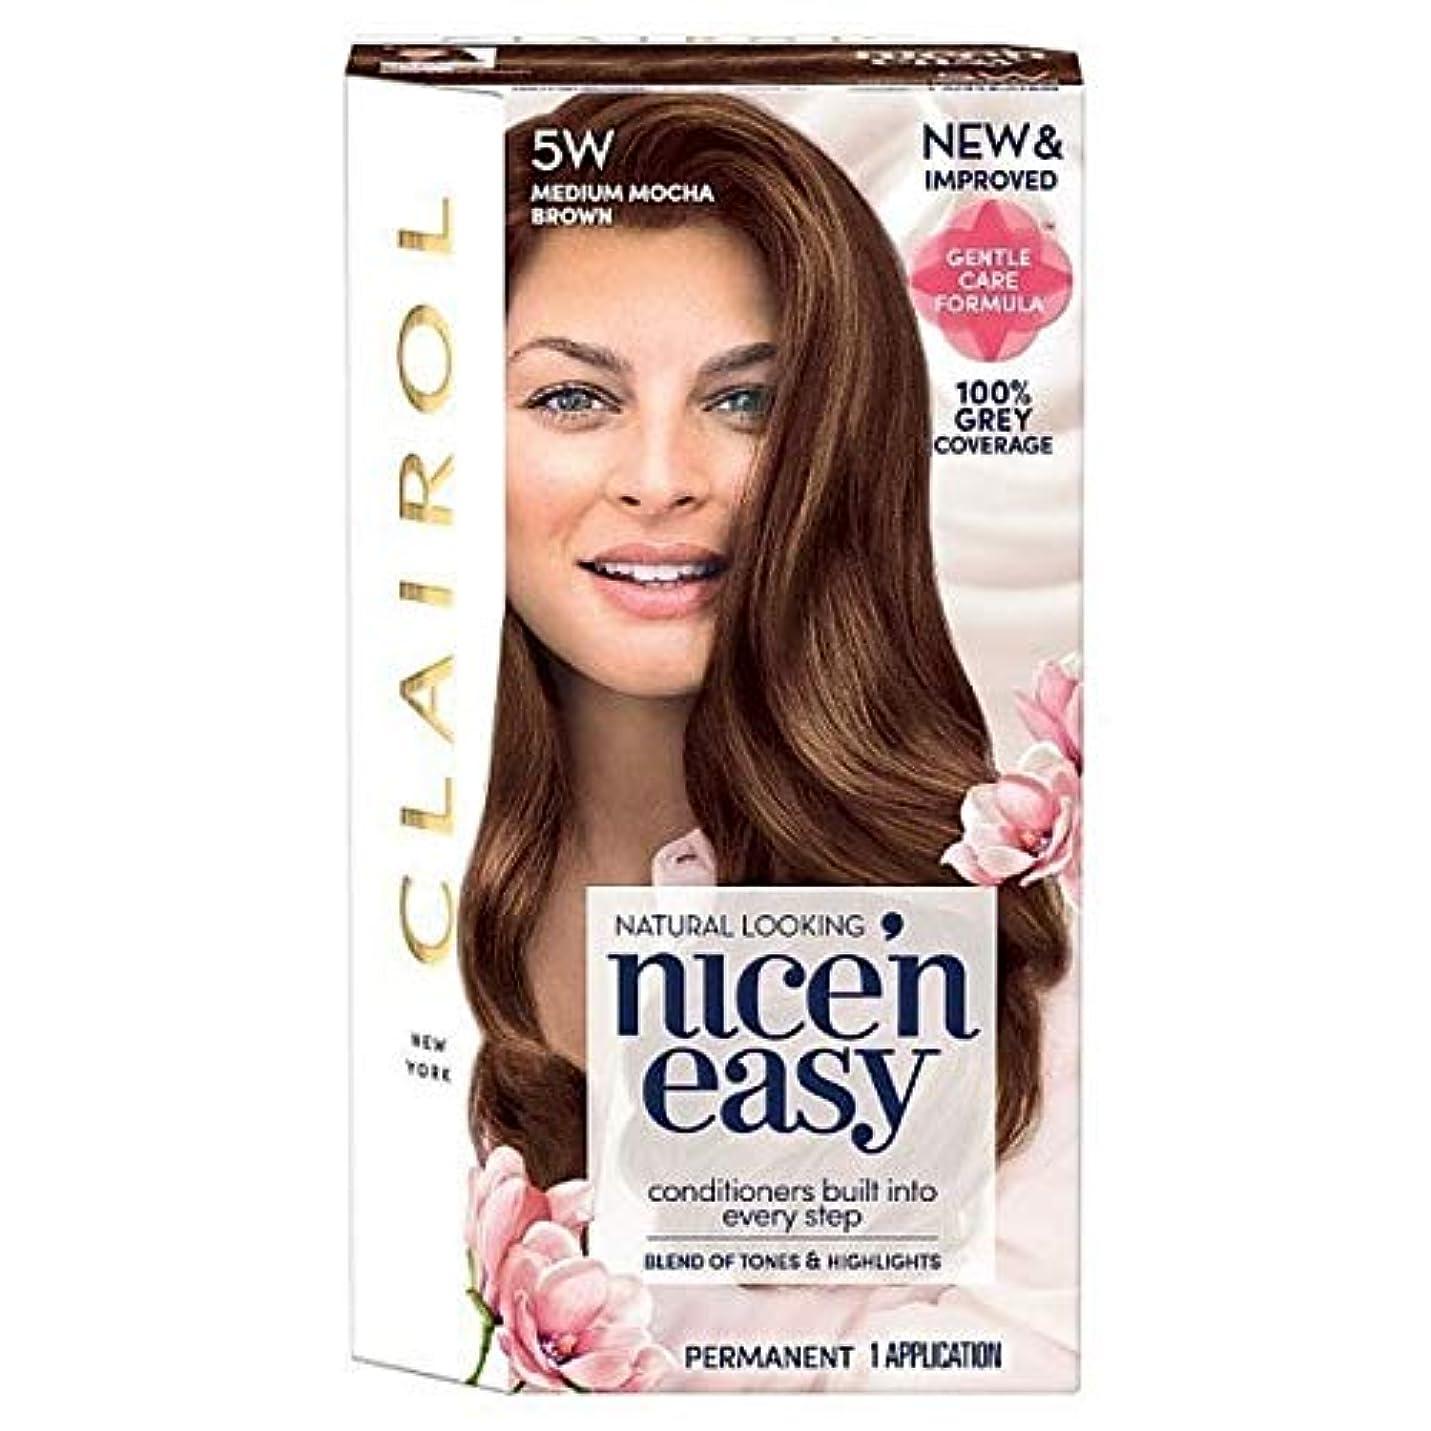 フォアタイプ姿勢つぶやき[Nice'n Easy] 簡単な5ワットメディアモカブラウンNice'N - Nice'n Easy 5W Medium Mocha Brown [並行輸入品]